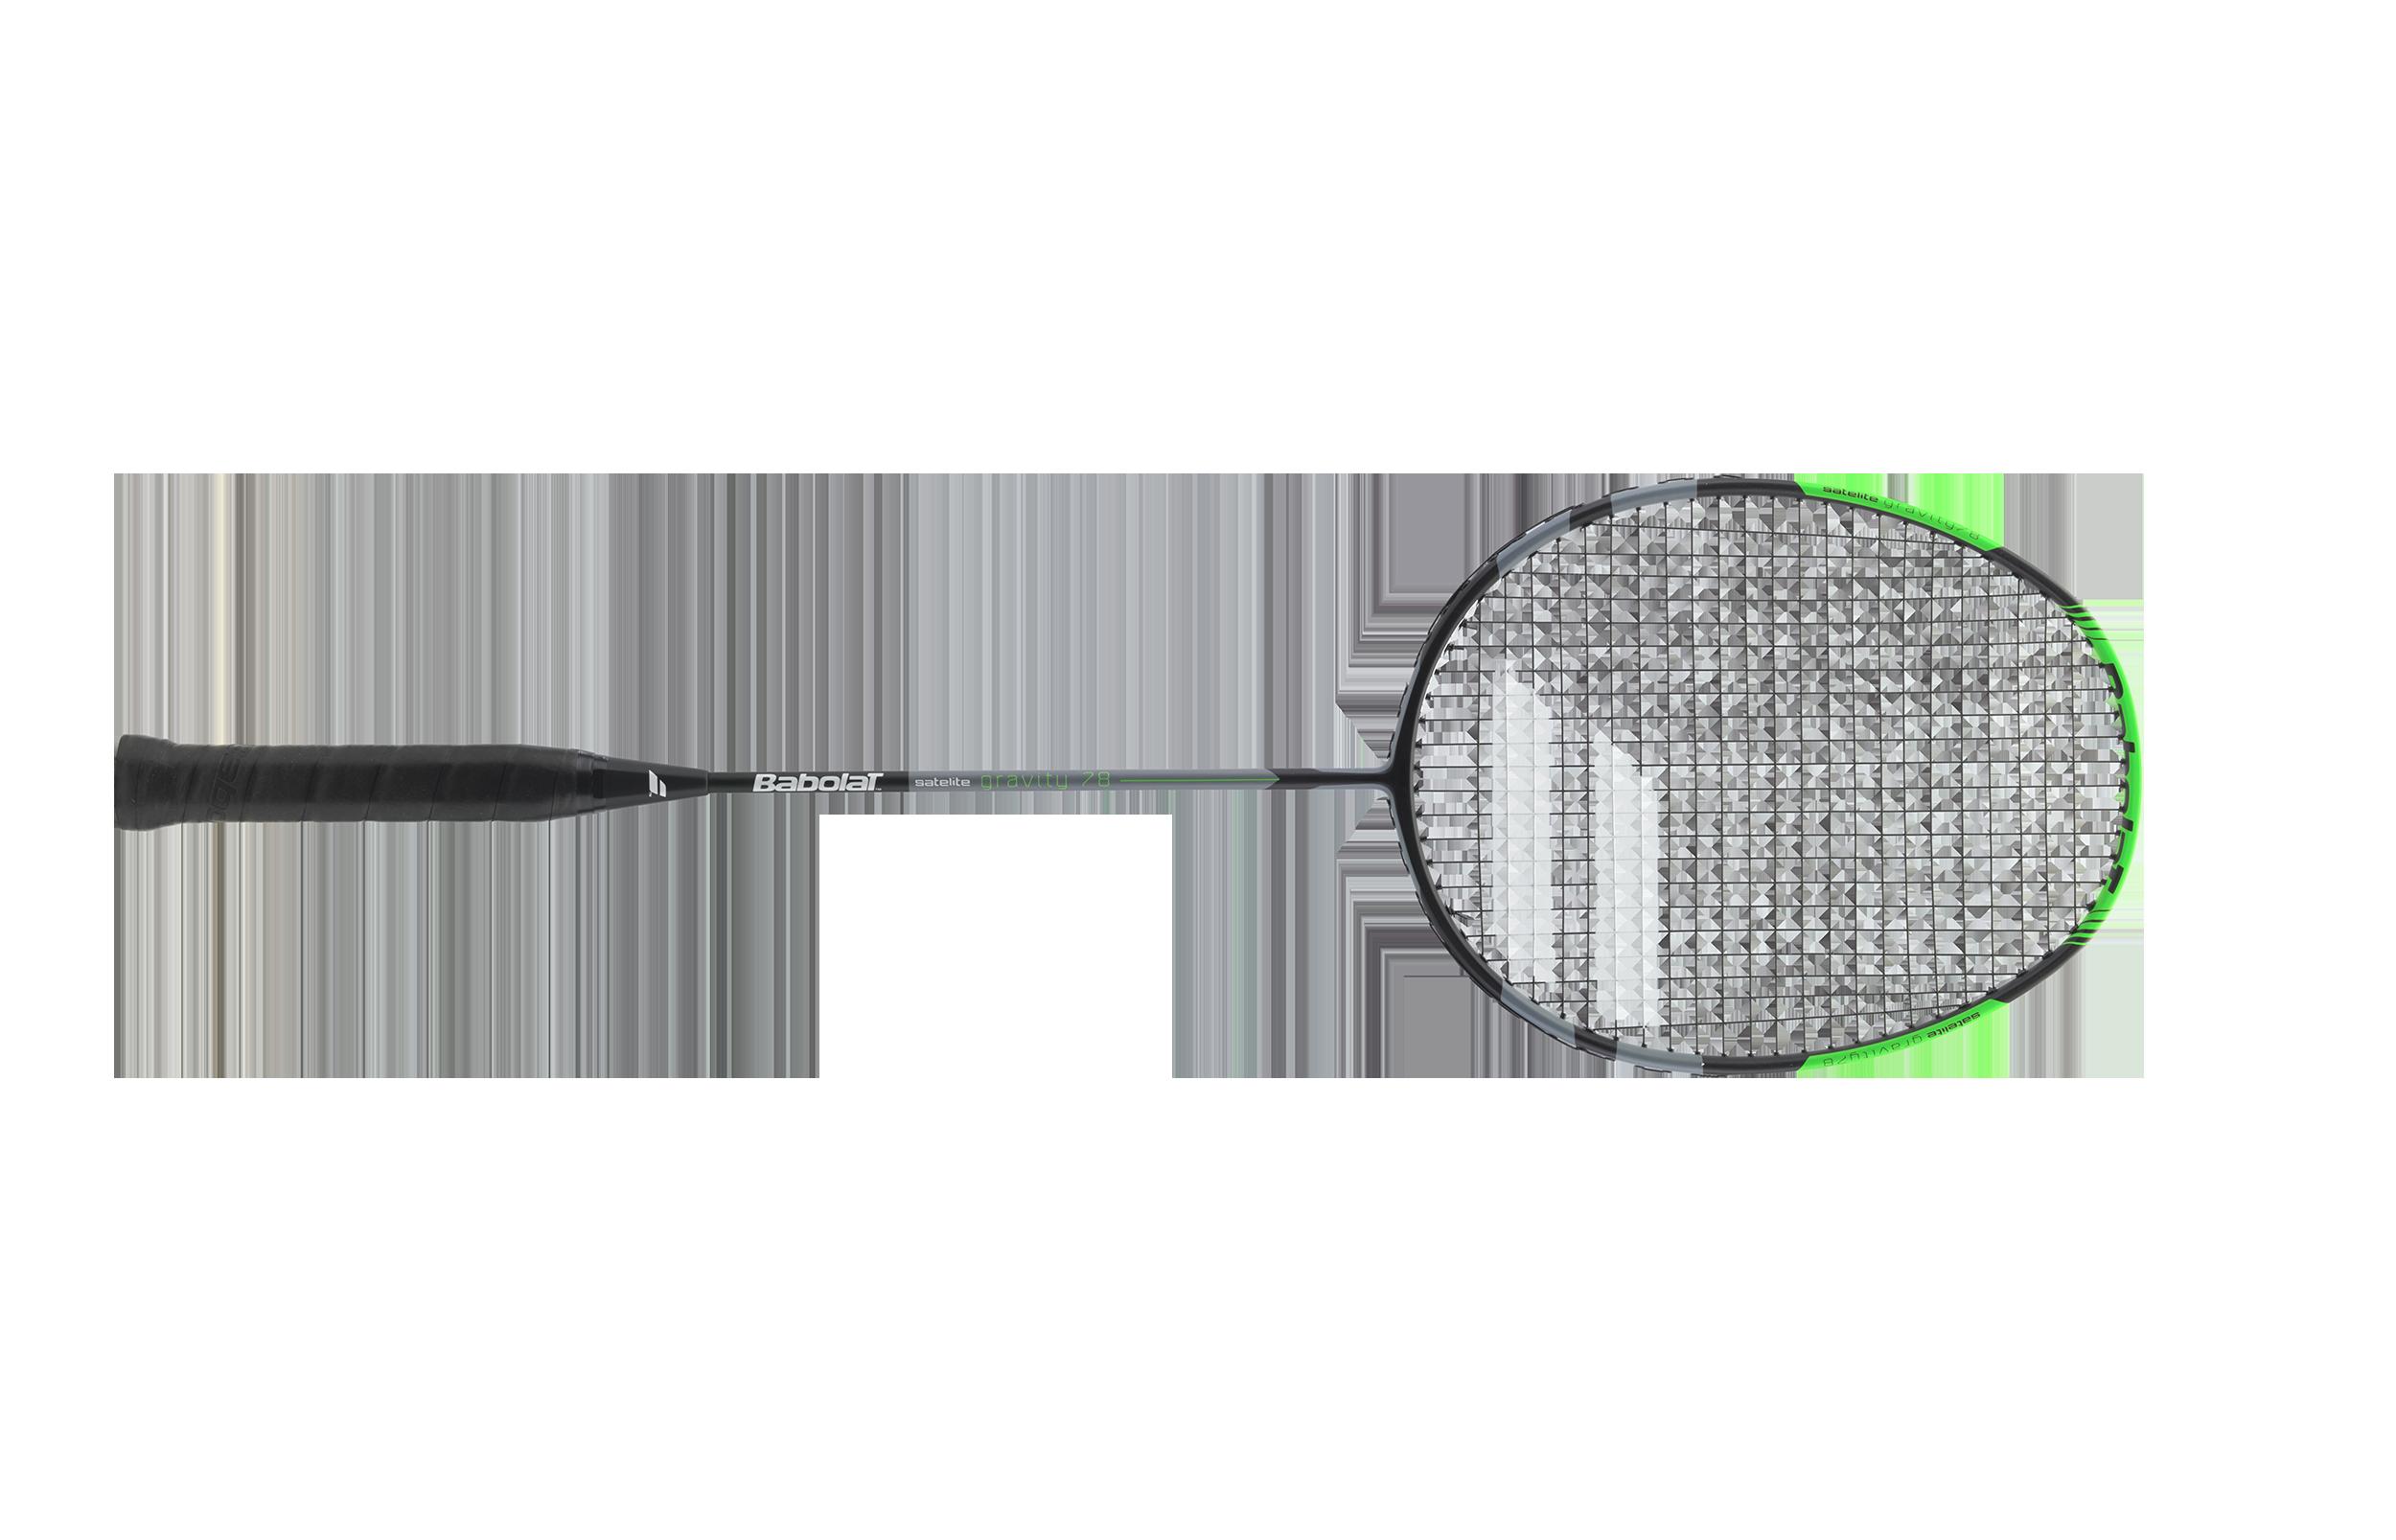 badminton png images  badminton volant png  badminton tennis racket clipart tennis racquet clip art free